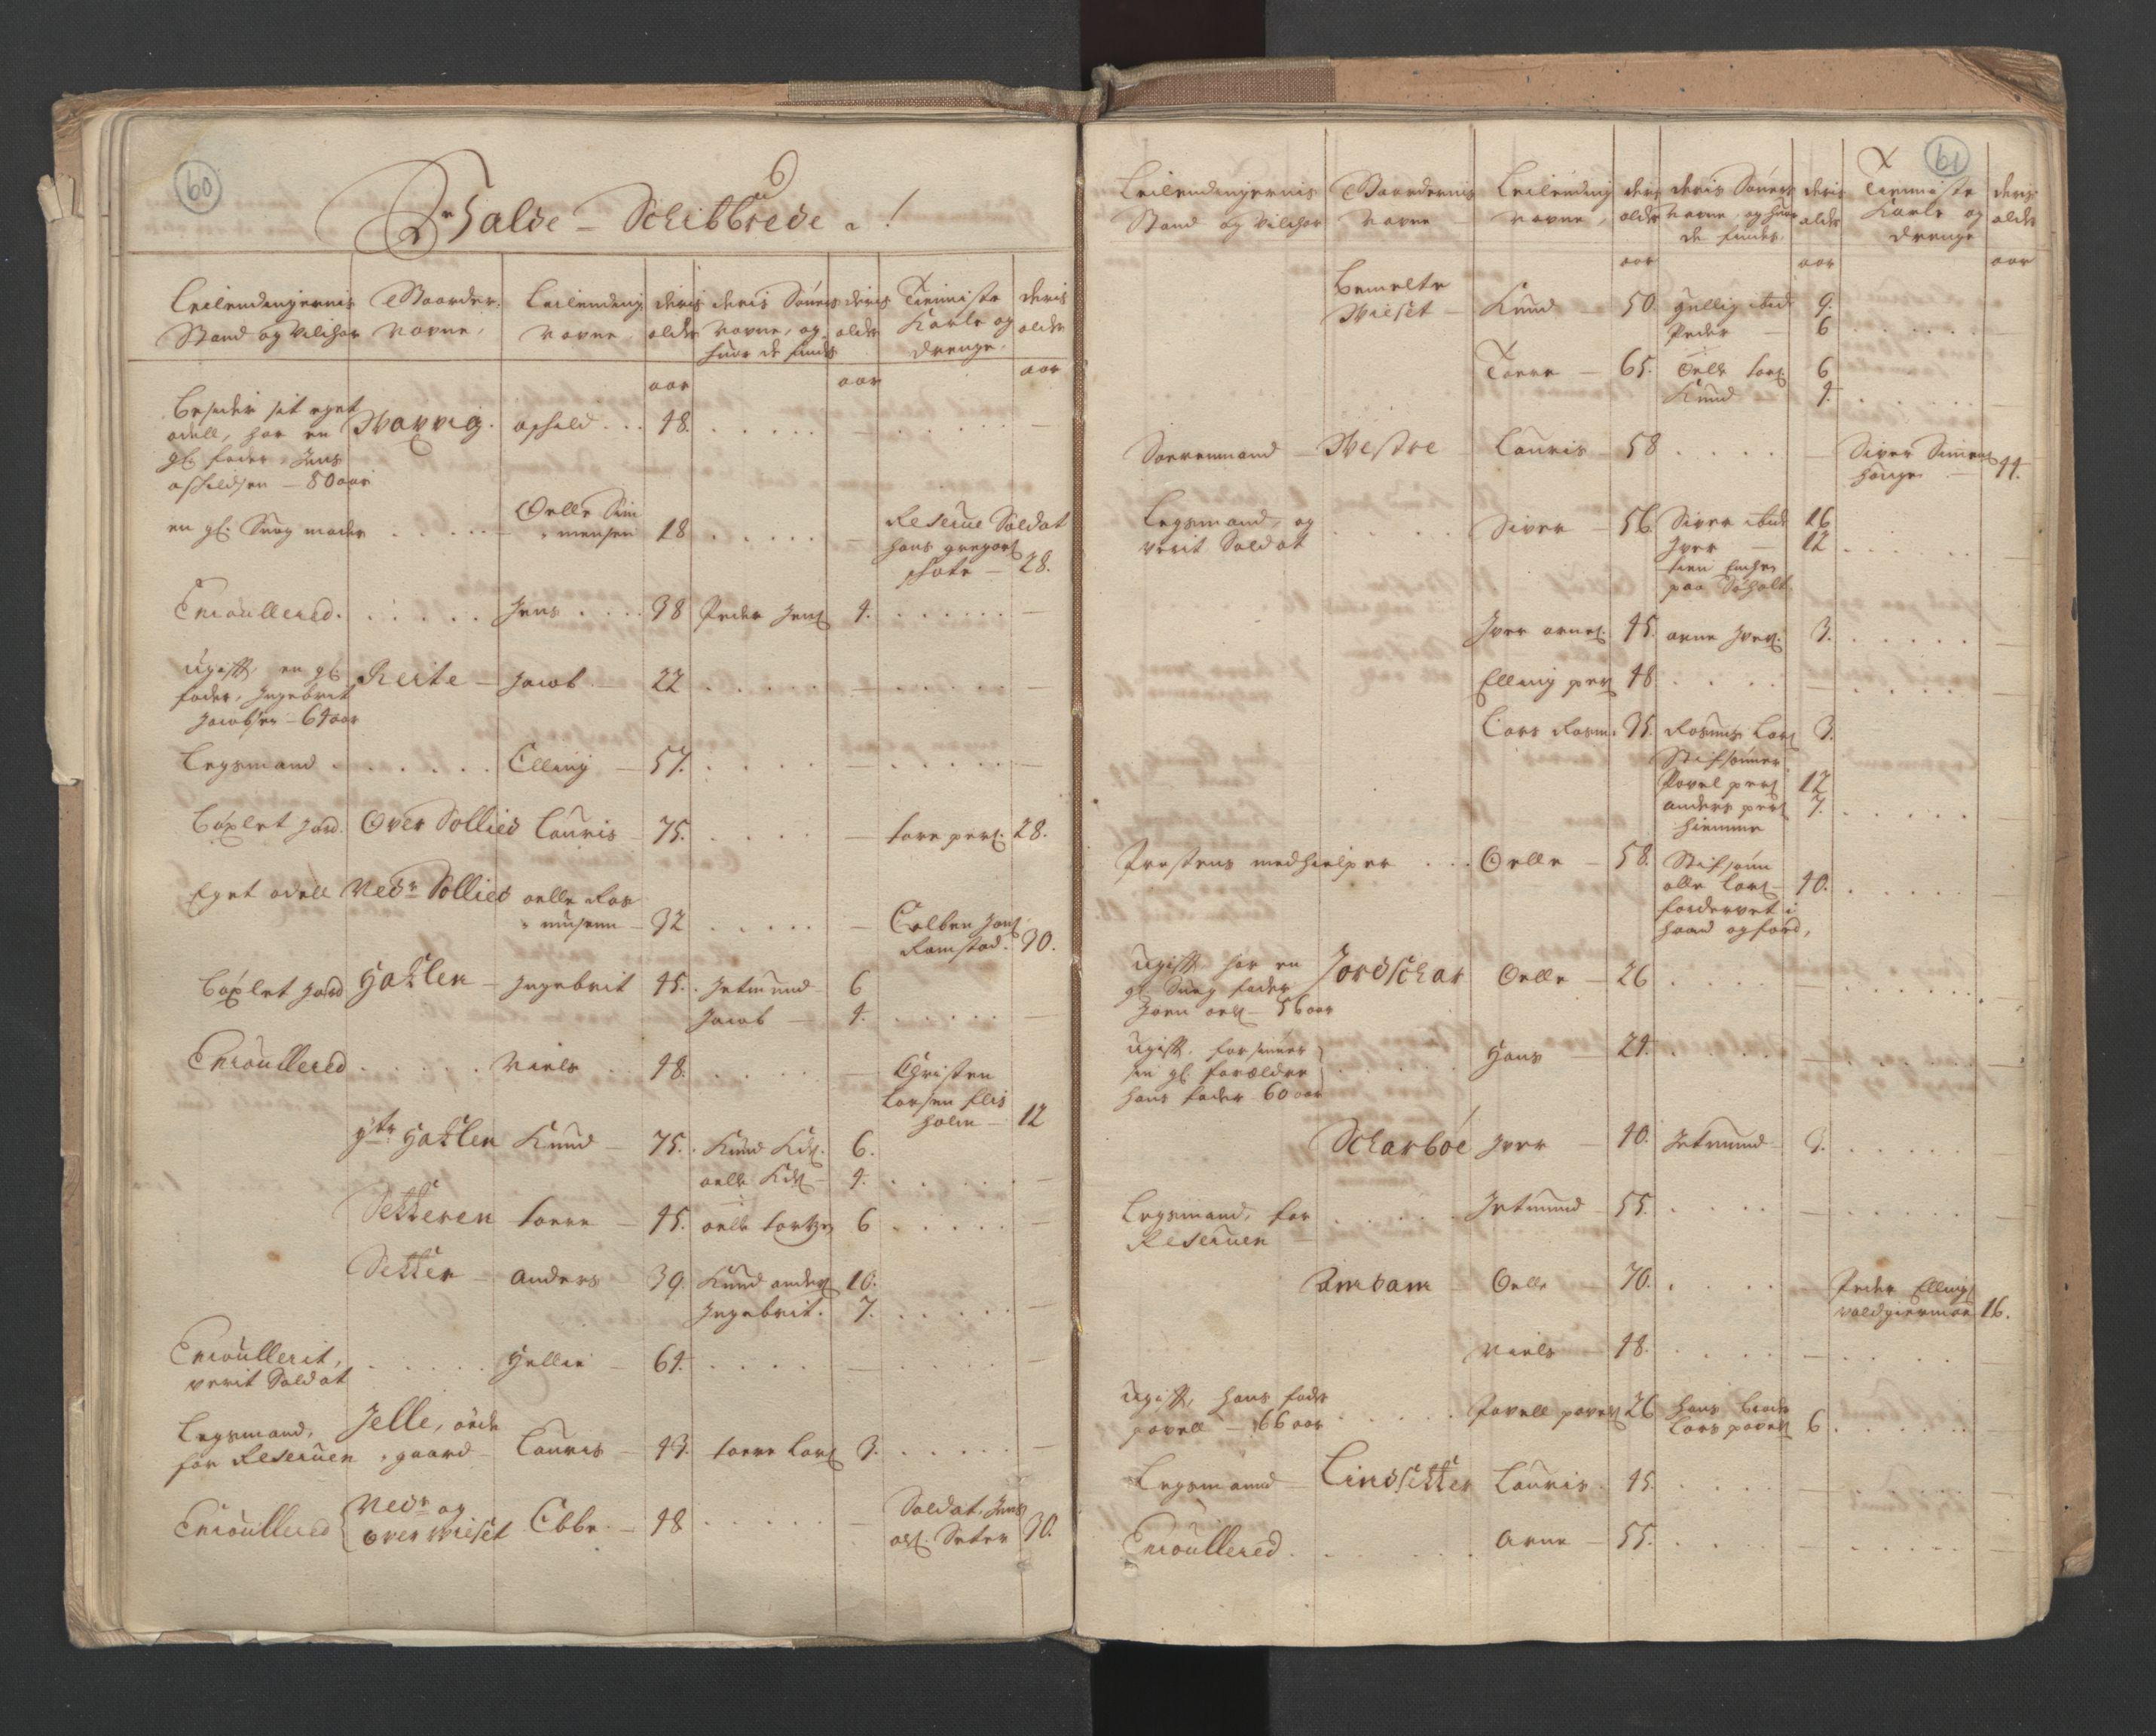 RA, Manntallet 1701, nr. 10: Sunnmøre fogderi, 1701, s. 60-61